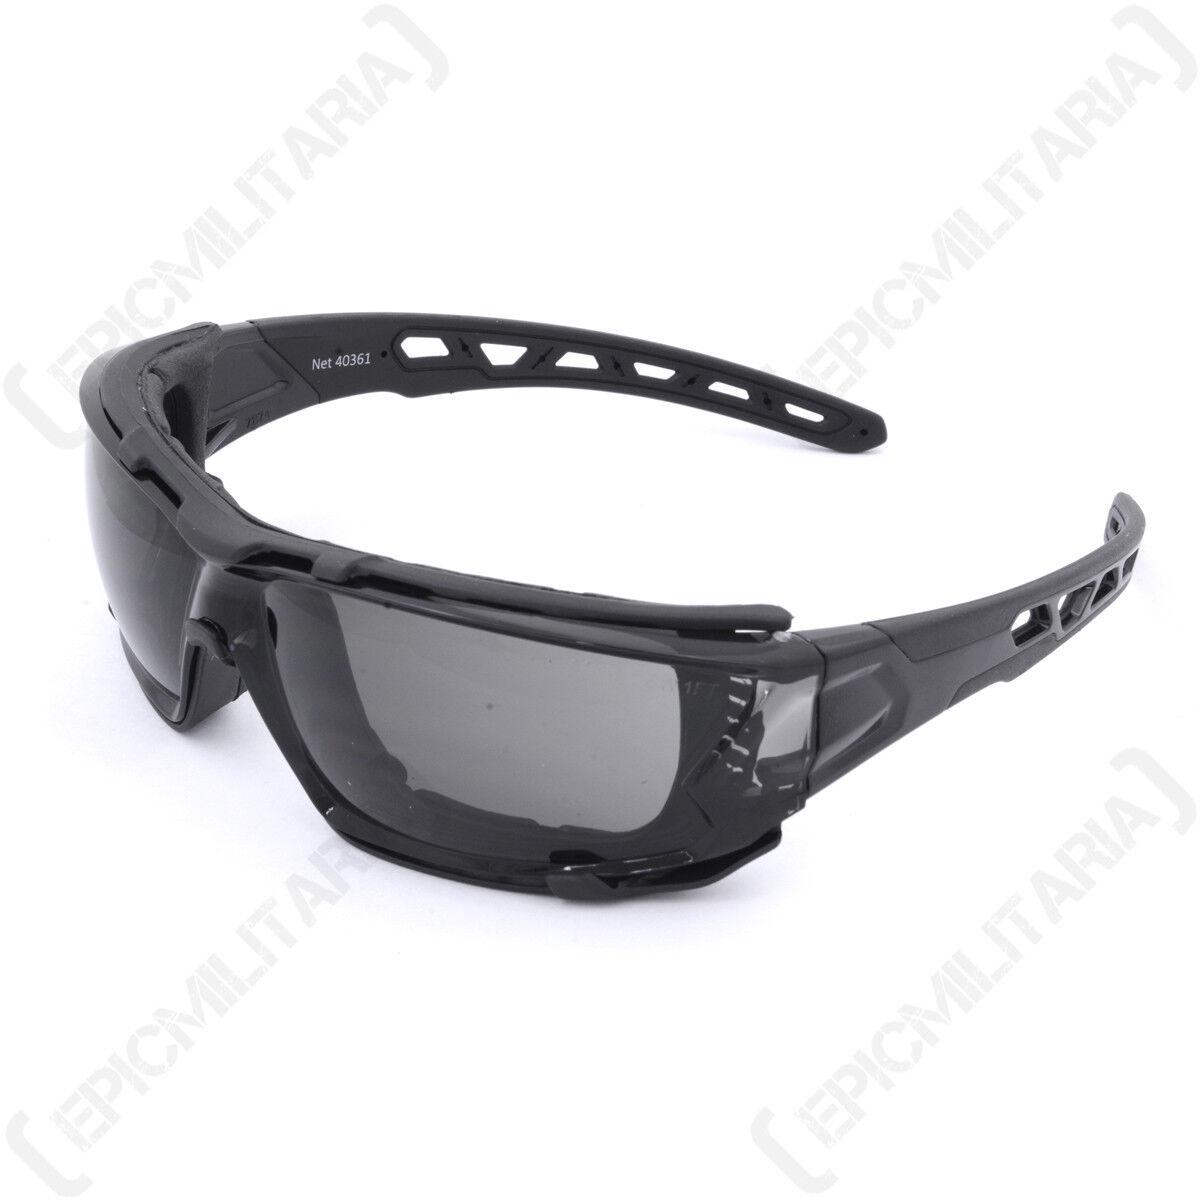 Swiss Eye 'netz' Brille - black - Schutzbrille Sonnenbrille Airsoft armee neu